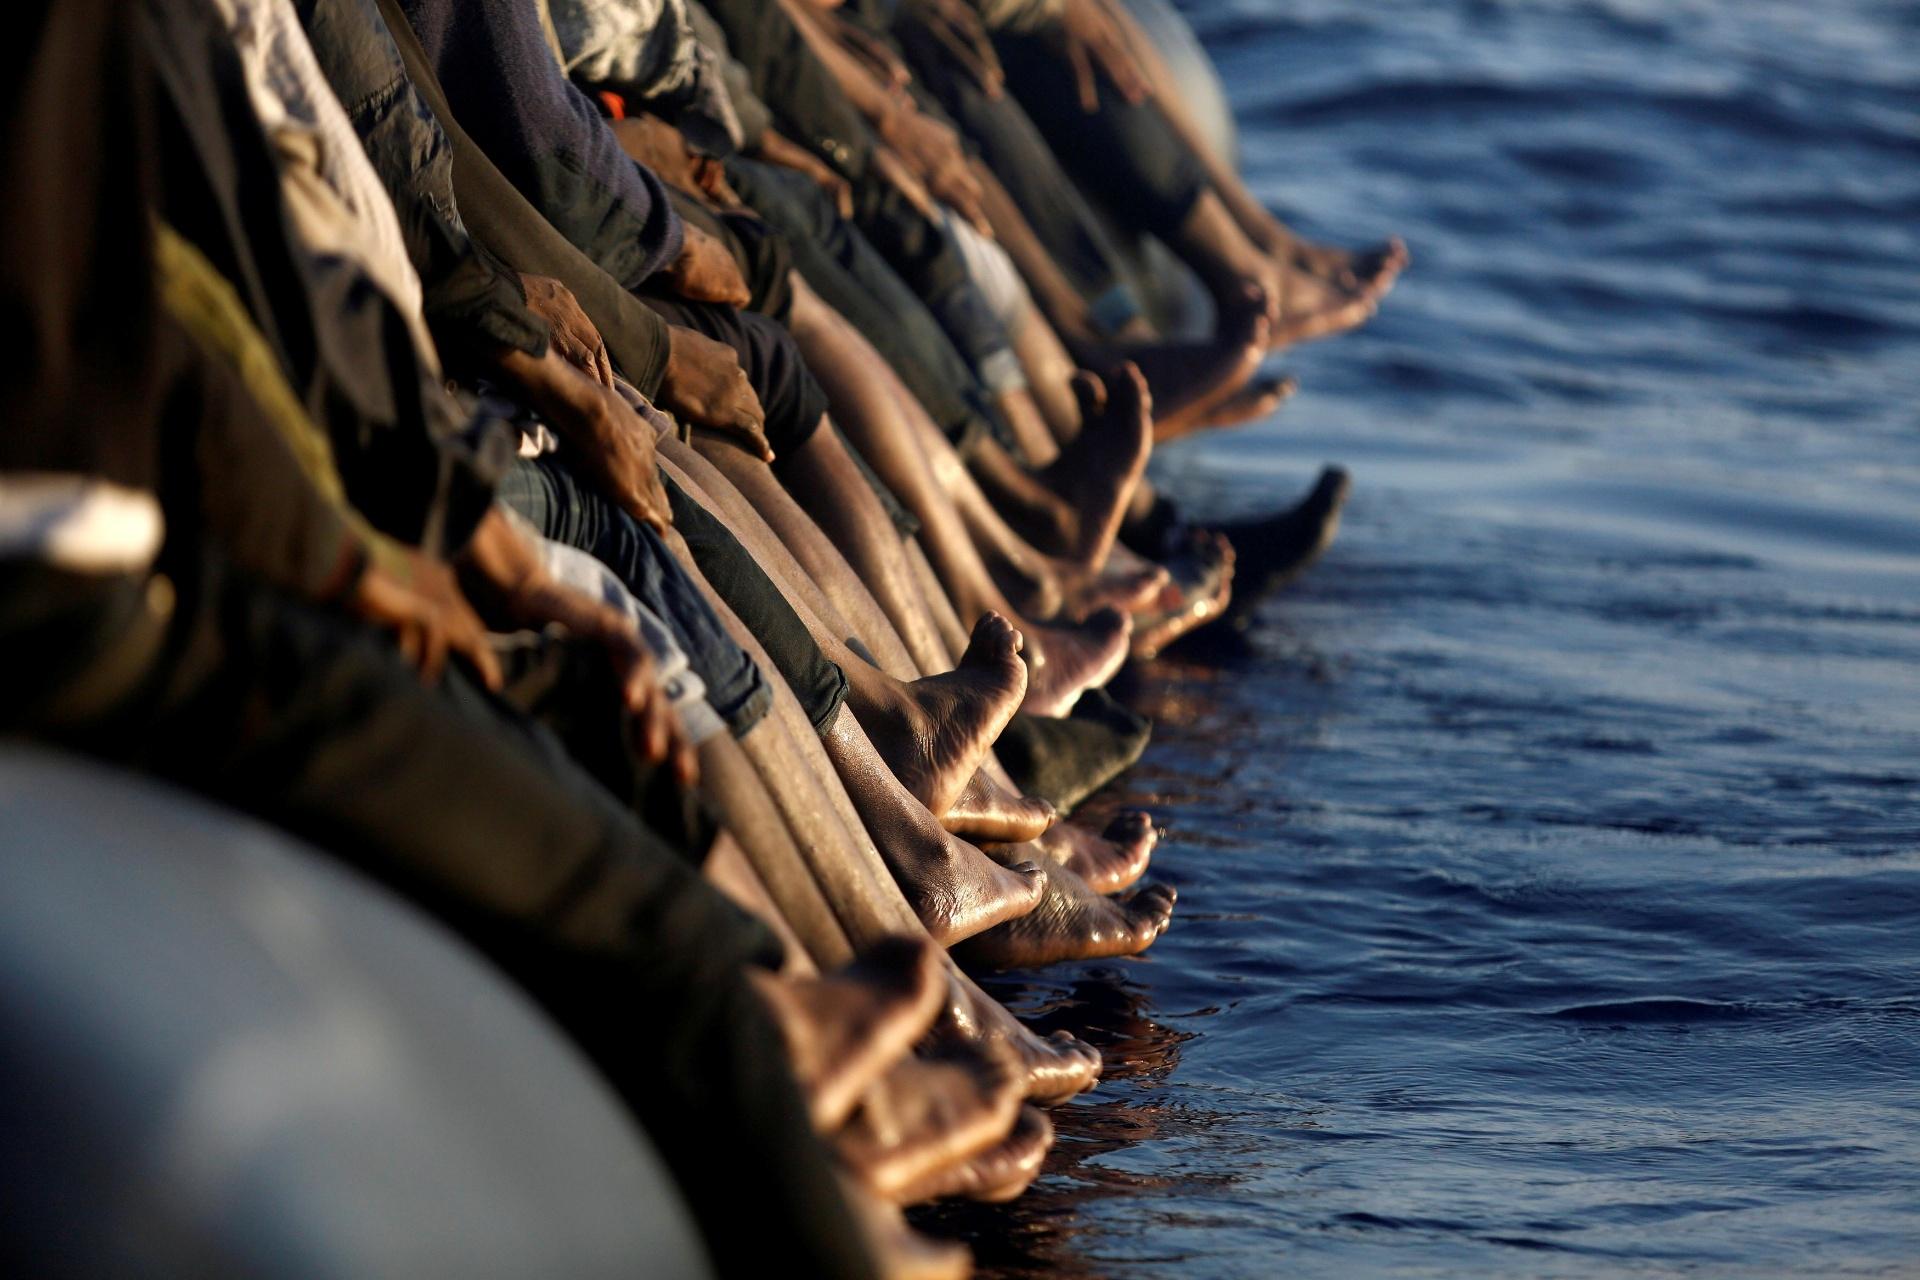 20.ago.2016 - Barco superlotado com imigrantes vindos da África é visto à deriva no mar Mediterrâneo, costa da Líbia